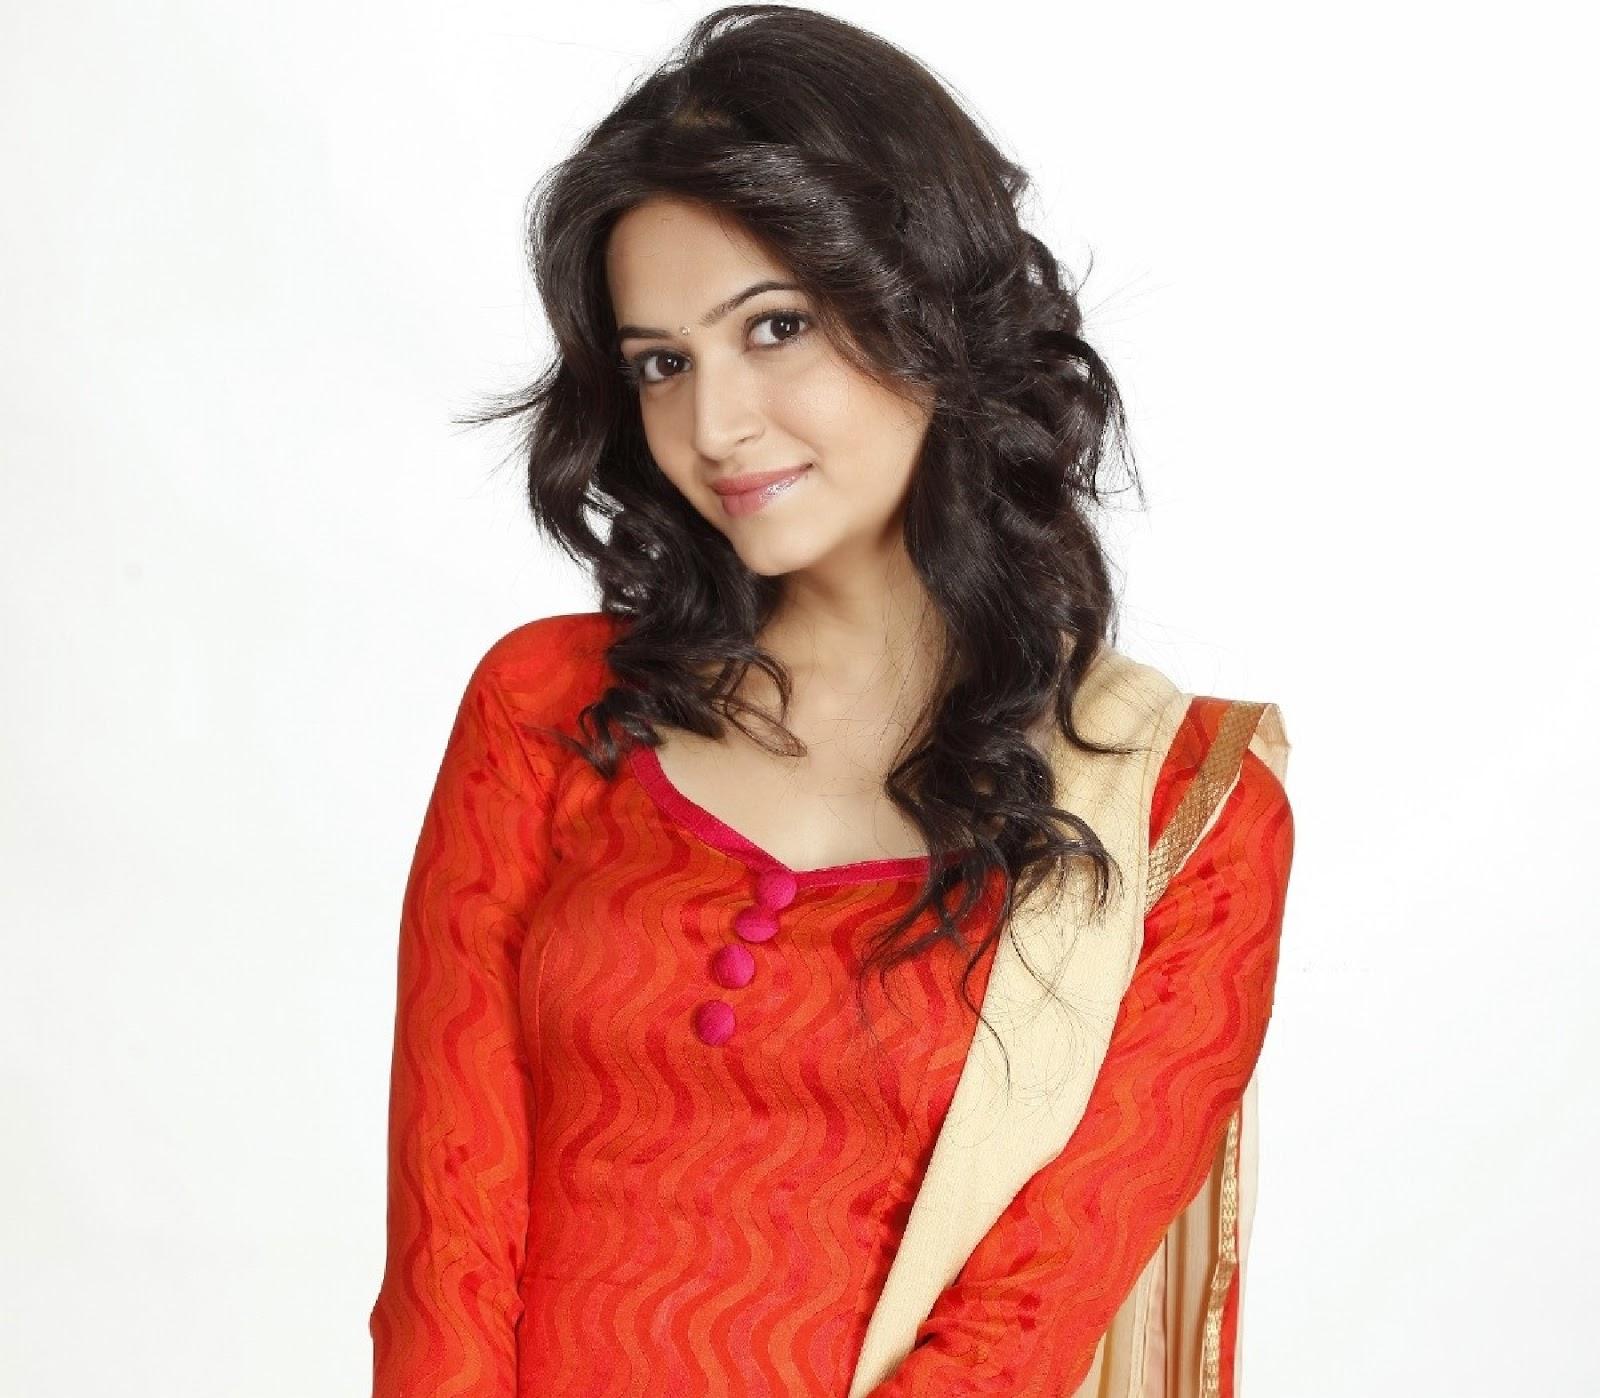 indian actress kriti kharbanda hot pics | welcomenri